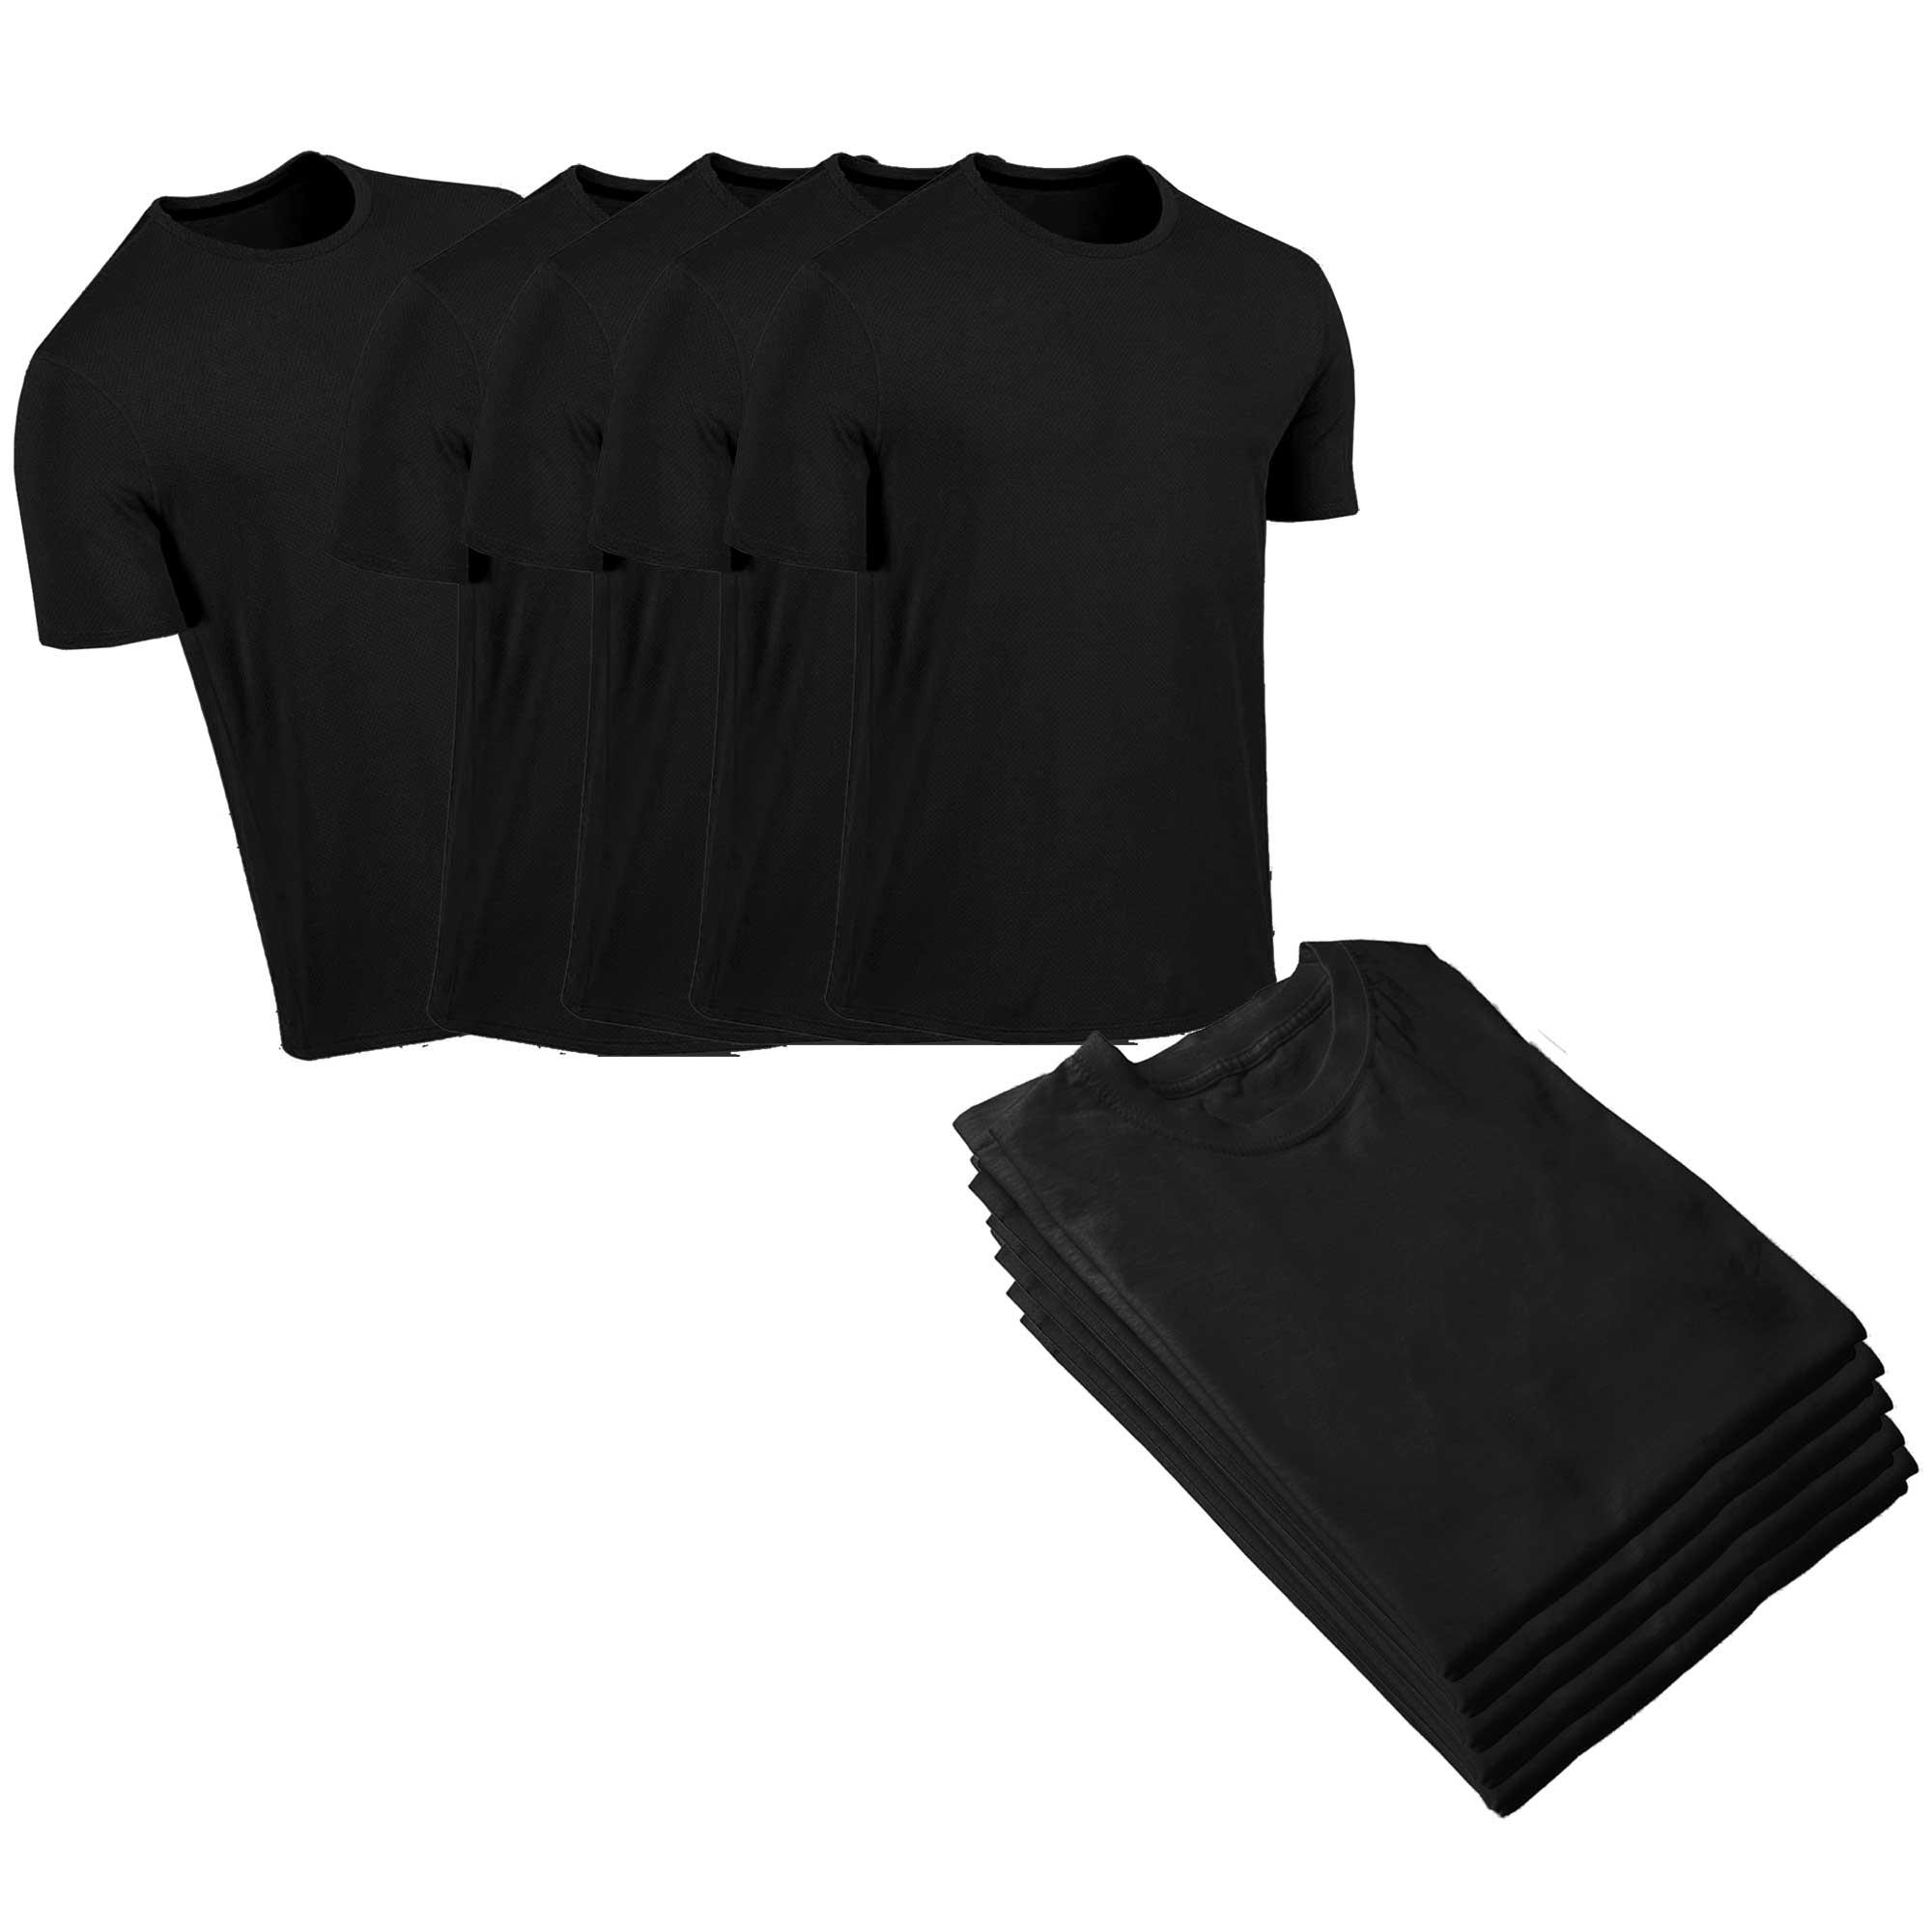 Kit Camiseta Algodão - 10 unidades